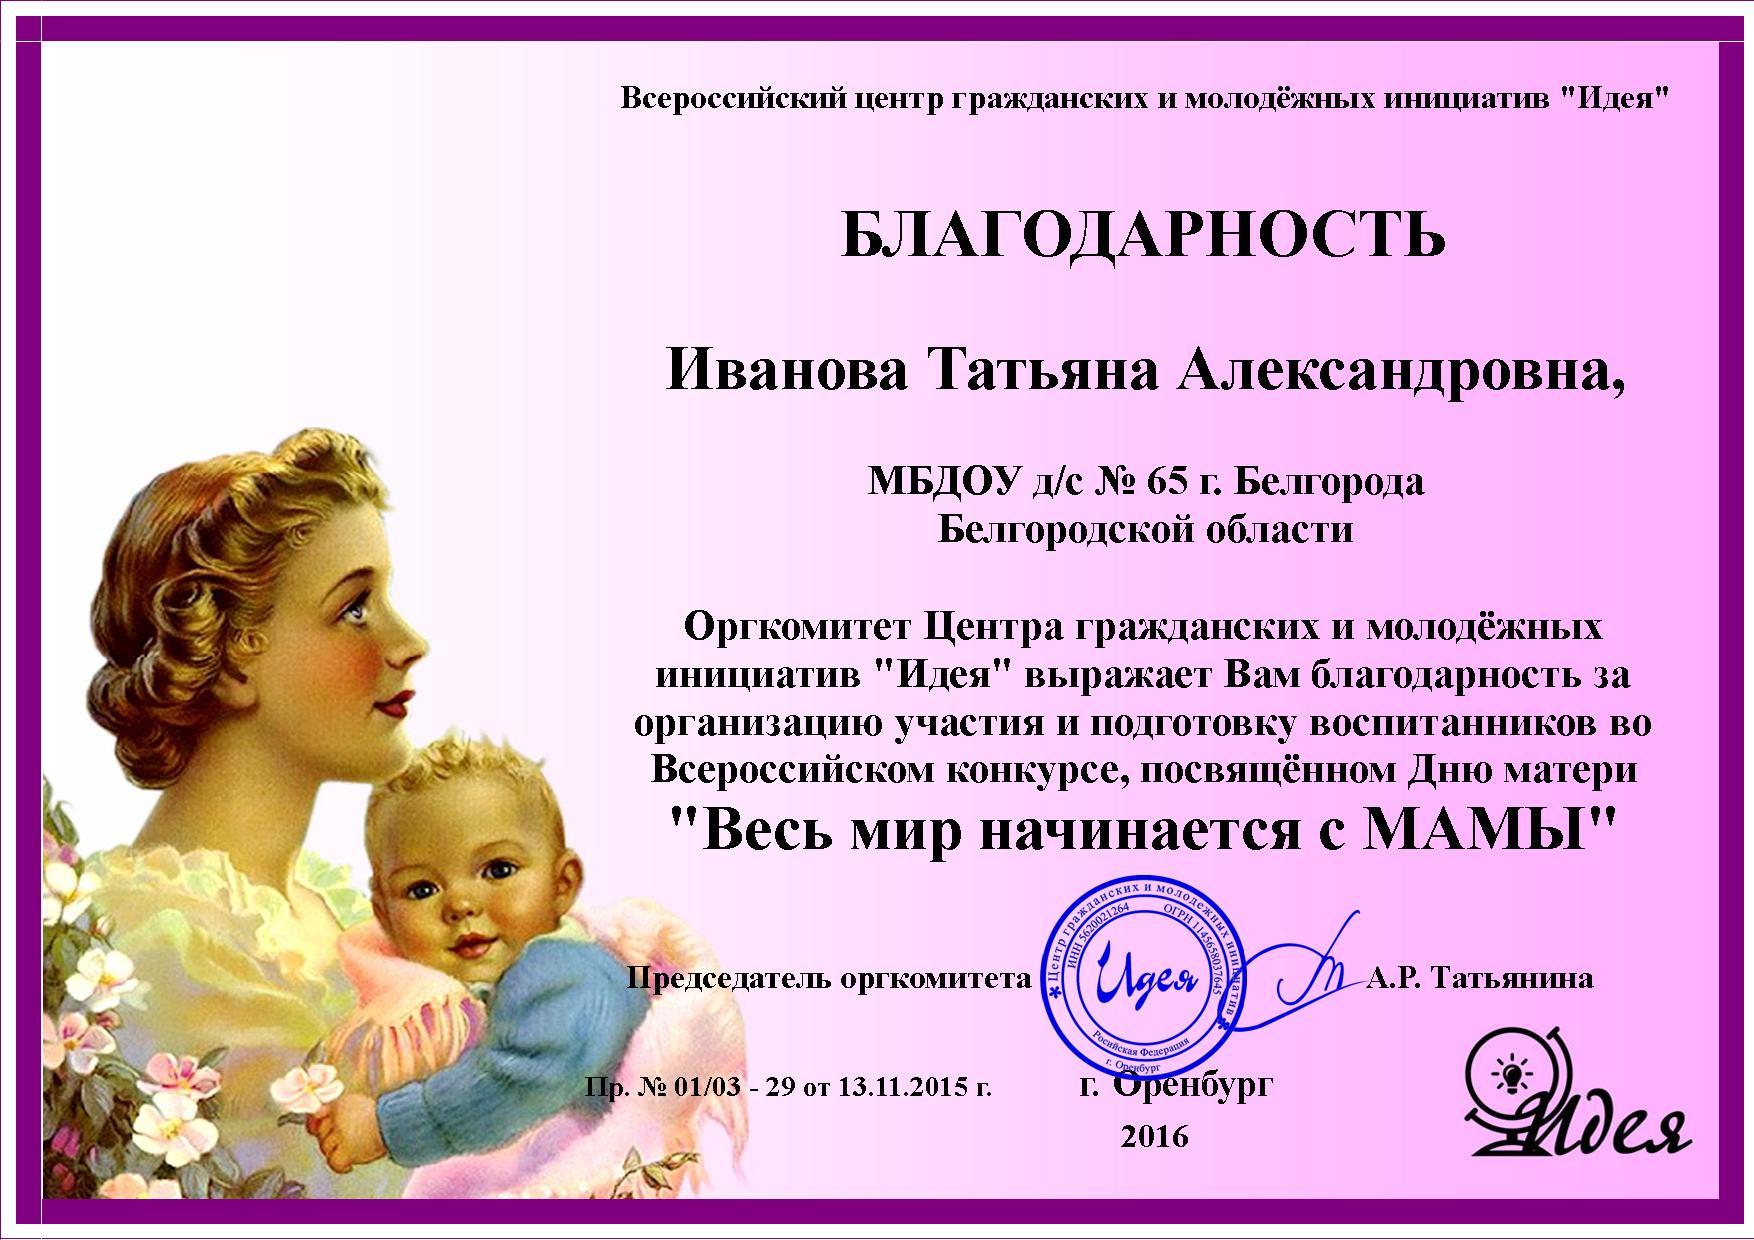 Благодарственное письмо-Иванова Татьяна Александровна-64597